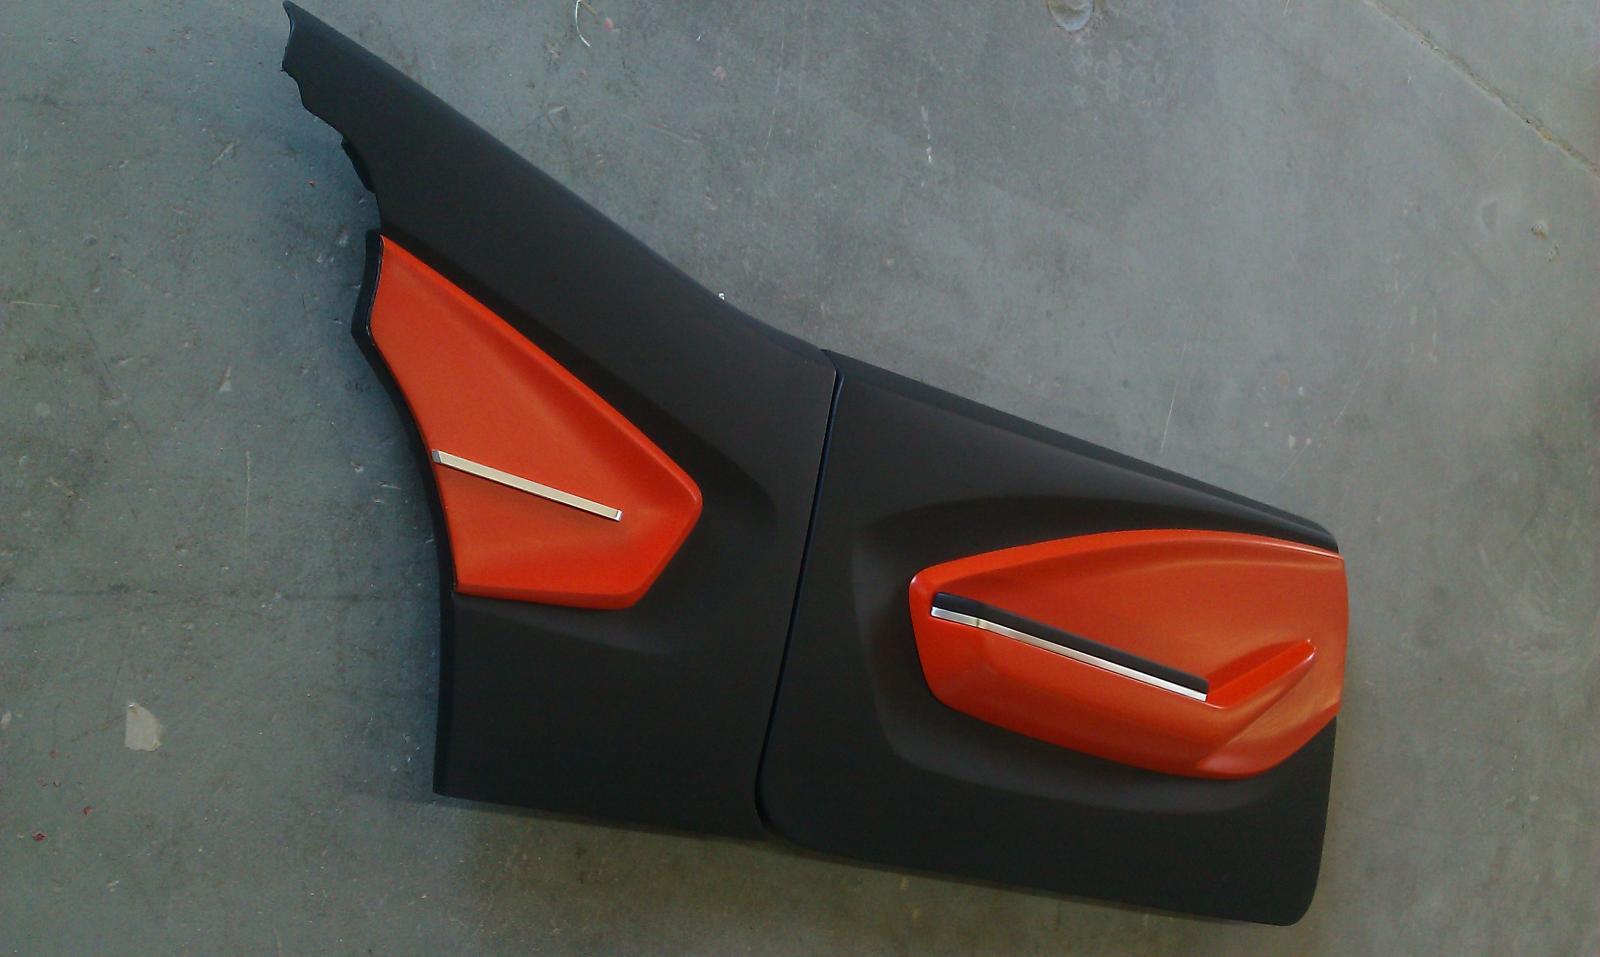 New 67 69 Camaro Firebird Door Panels From Mci